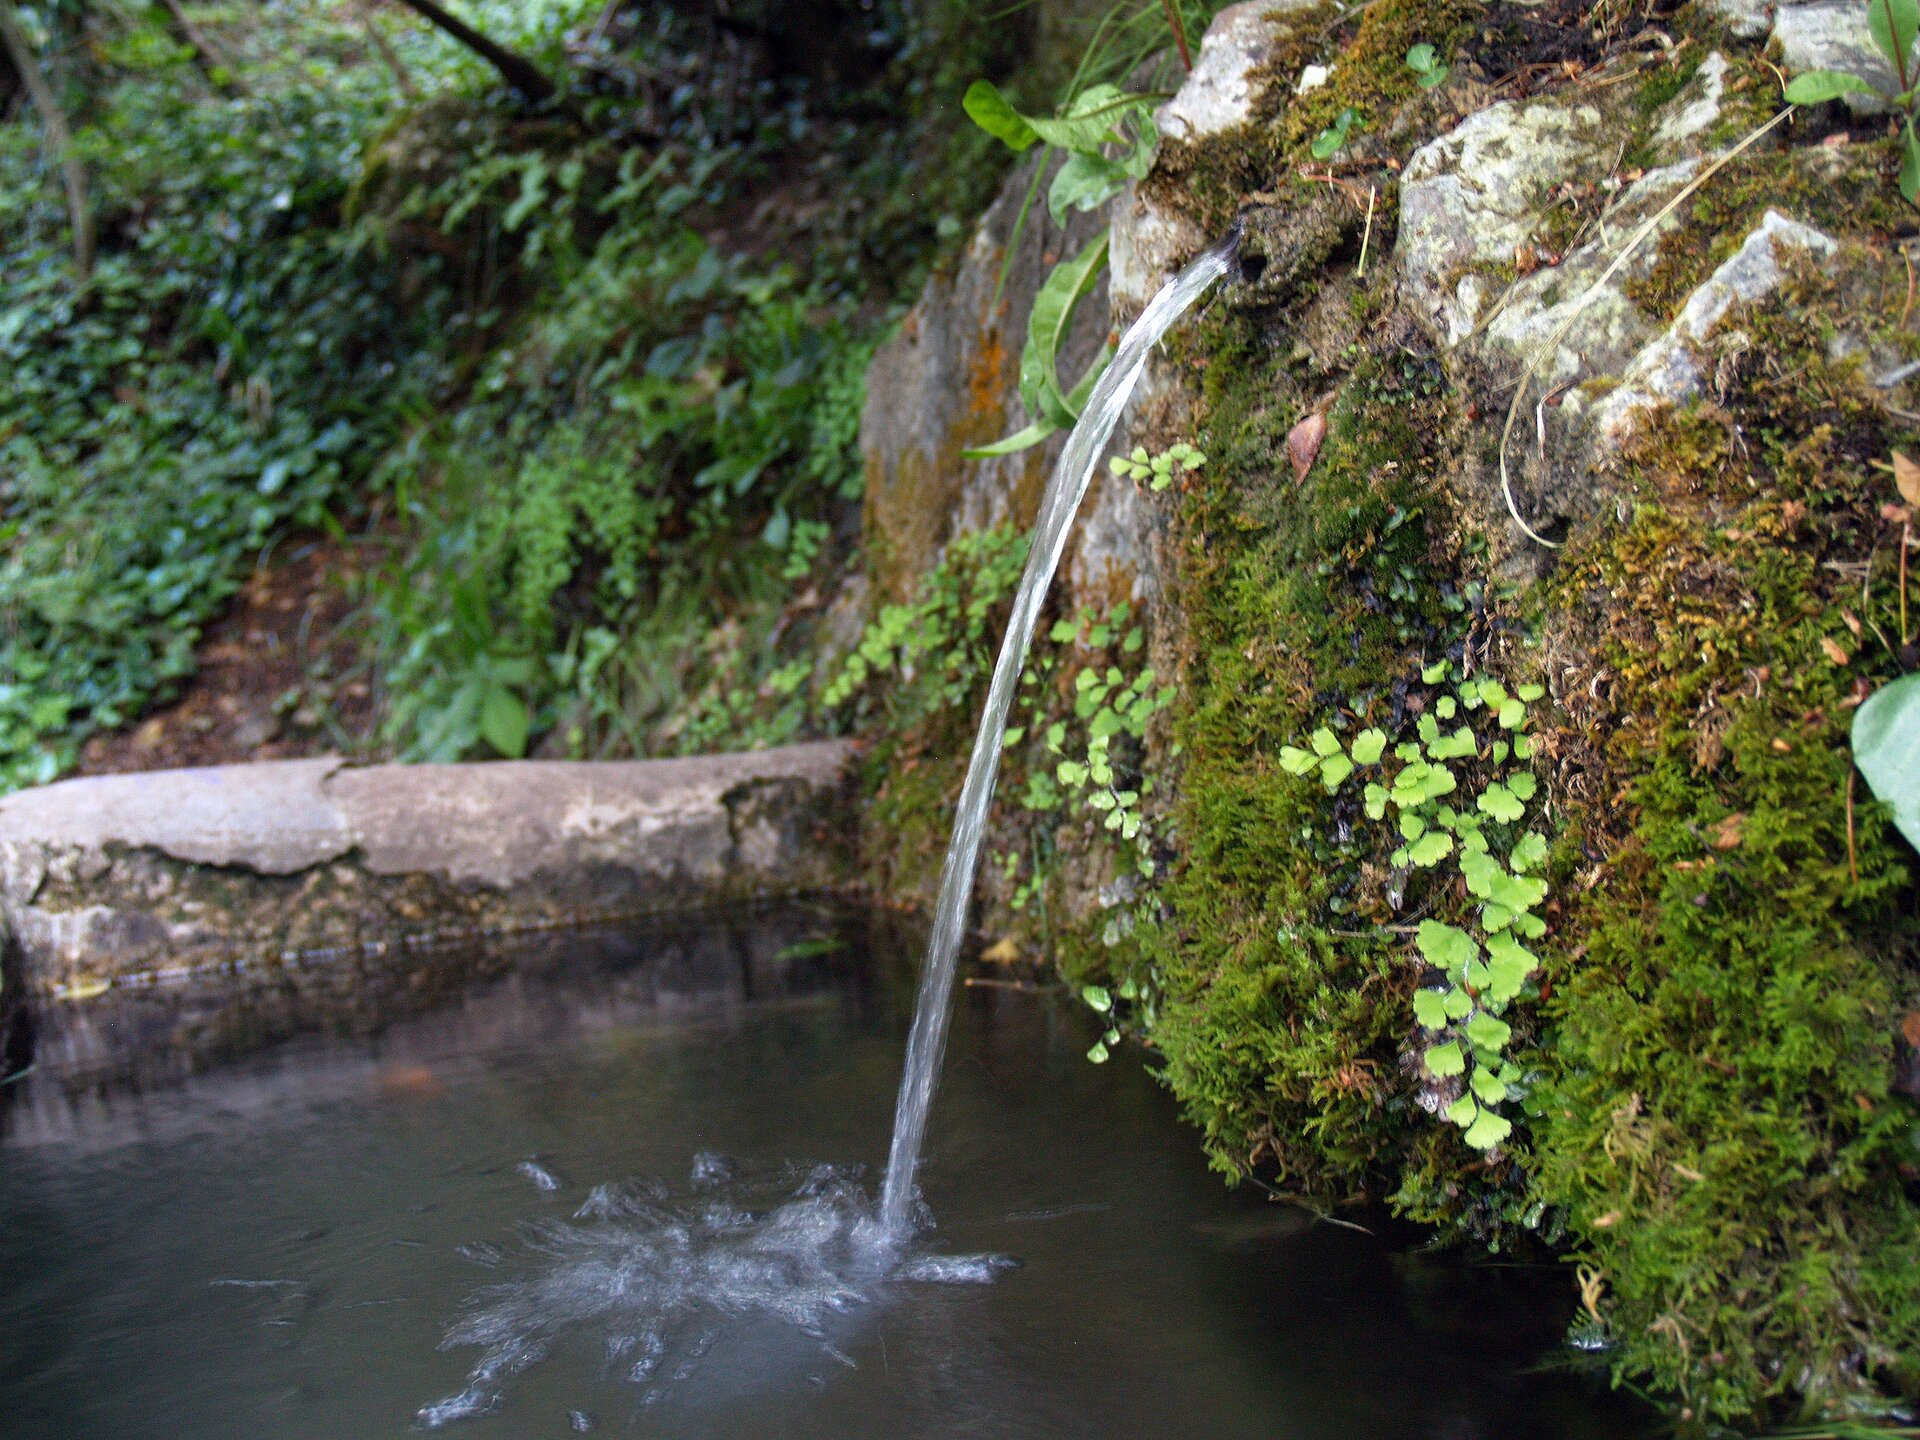 Zdjęcie tryskającego ze skał źródła wody. Wtle izprawej strony ściana skalna porośnięta mchem ipaprociami. Woda tryska do niewielkiego zbiornika na pierwszym planie.